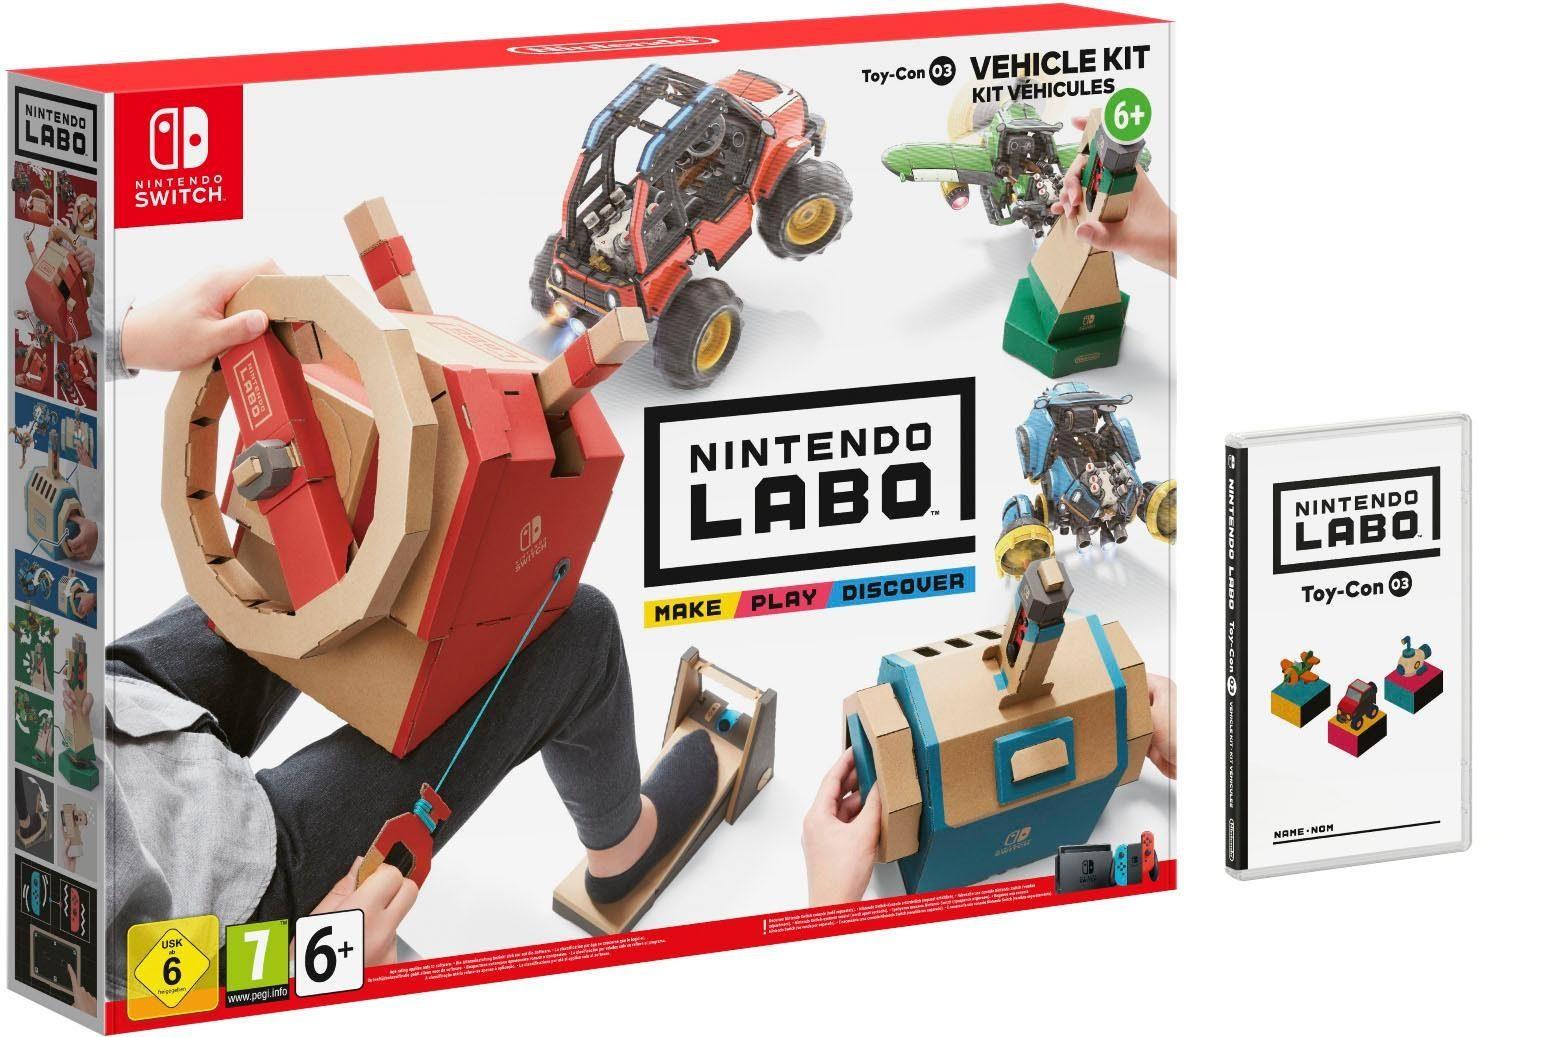 [smyths Offline] Nintendo Labo Toy-Con 03 Fahrzeug-Set ( Switch ) für 9,90€ im Markt